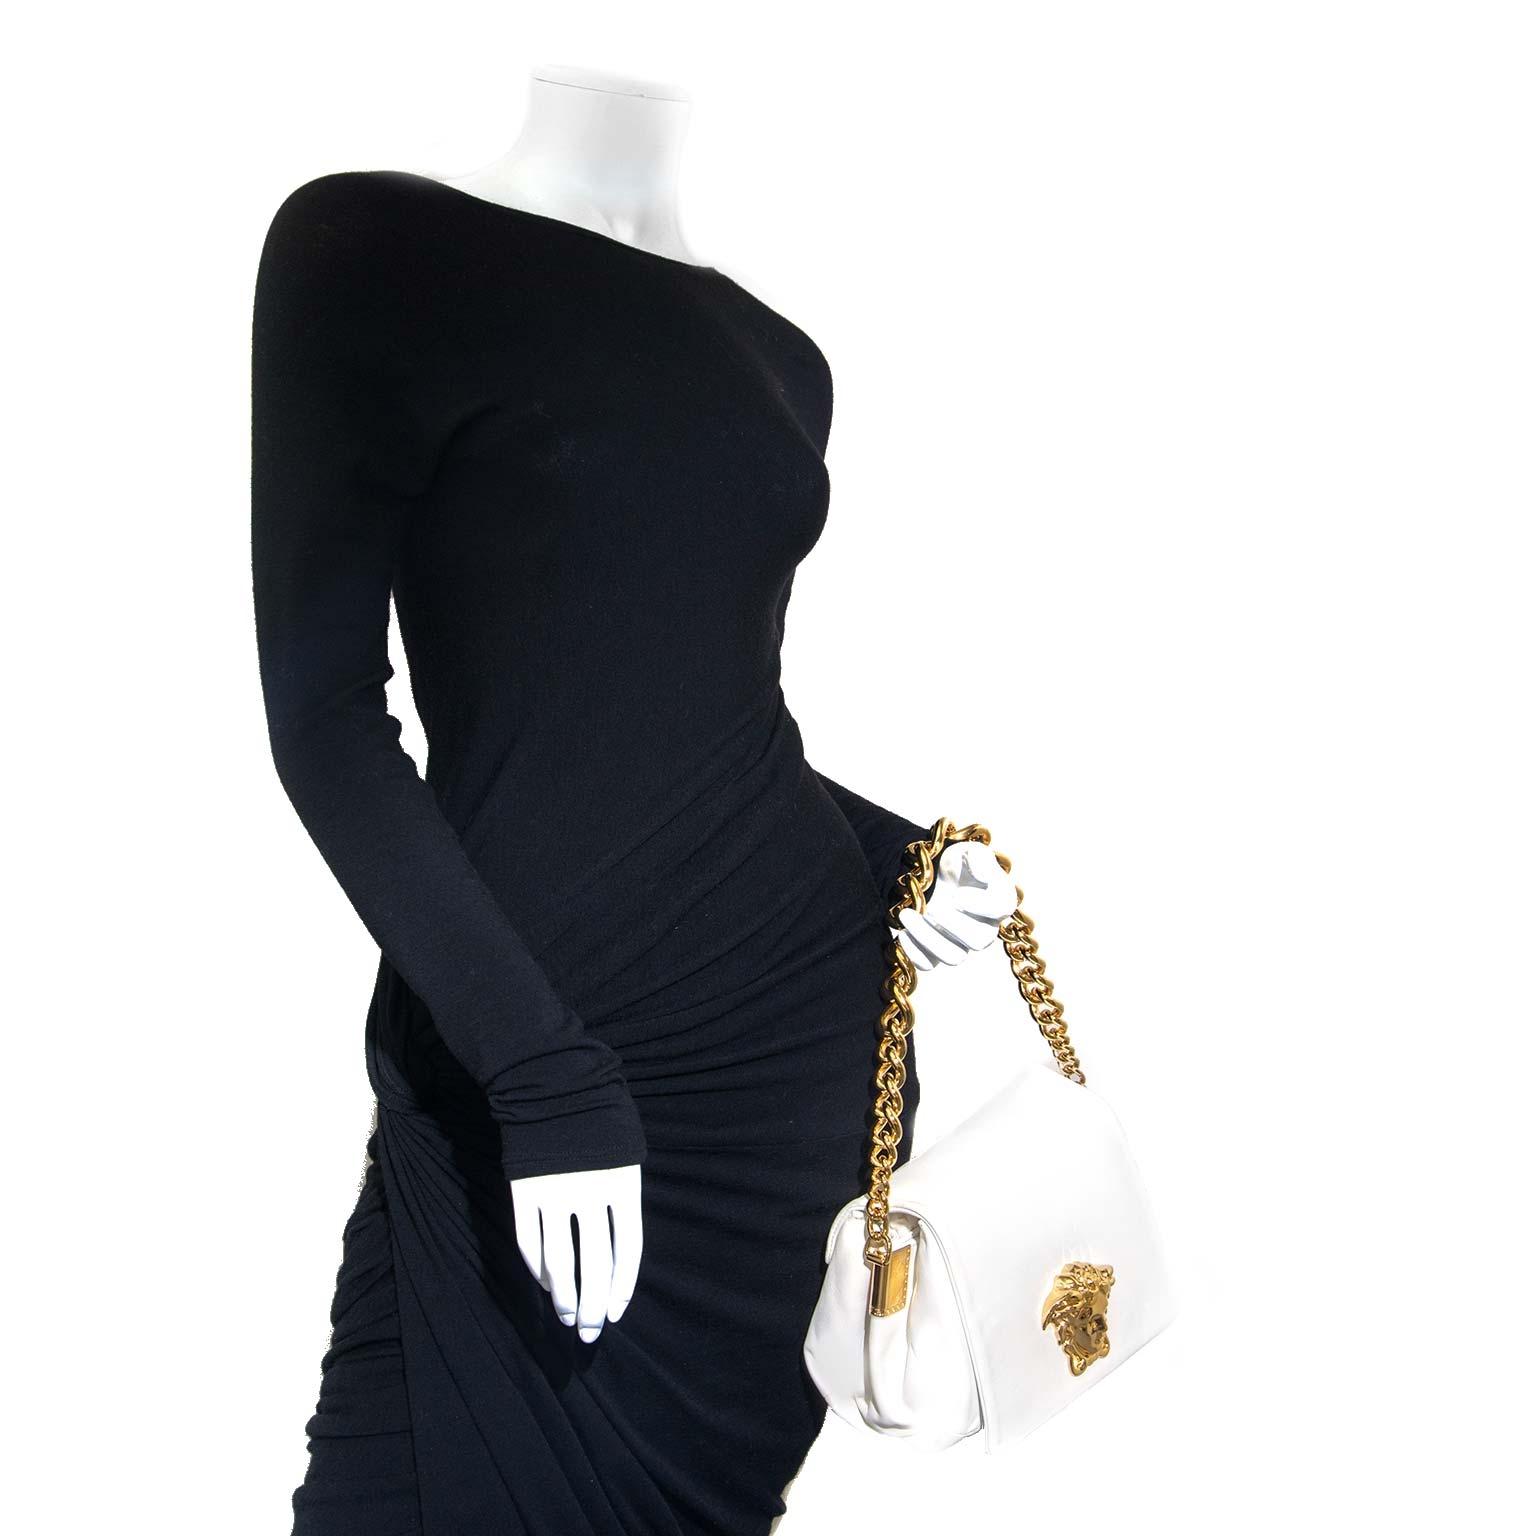 Versace Gold Medusa Cream Leather Shoulder Bag for sale online